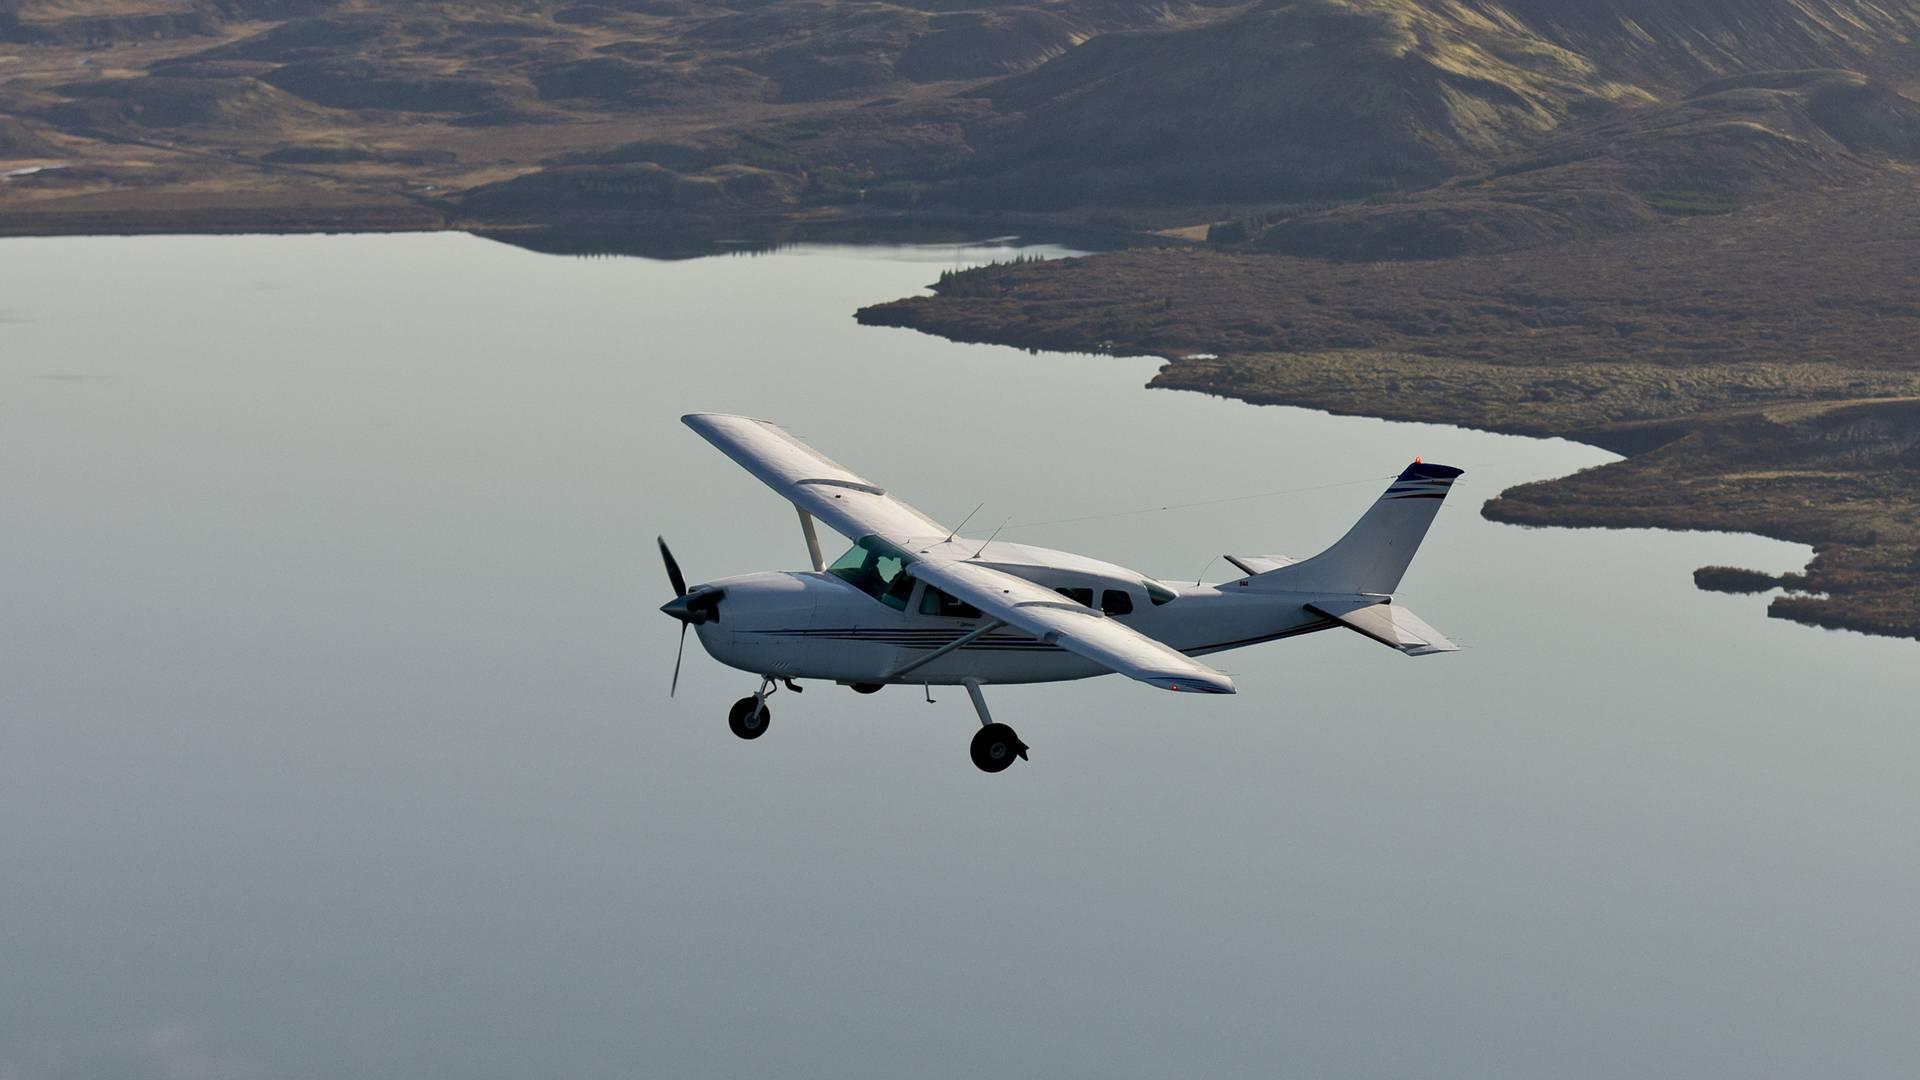 Zu viel Koks an Bord: Wie ein Schmuggler-Flugzeug an